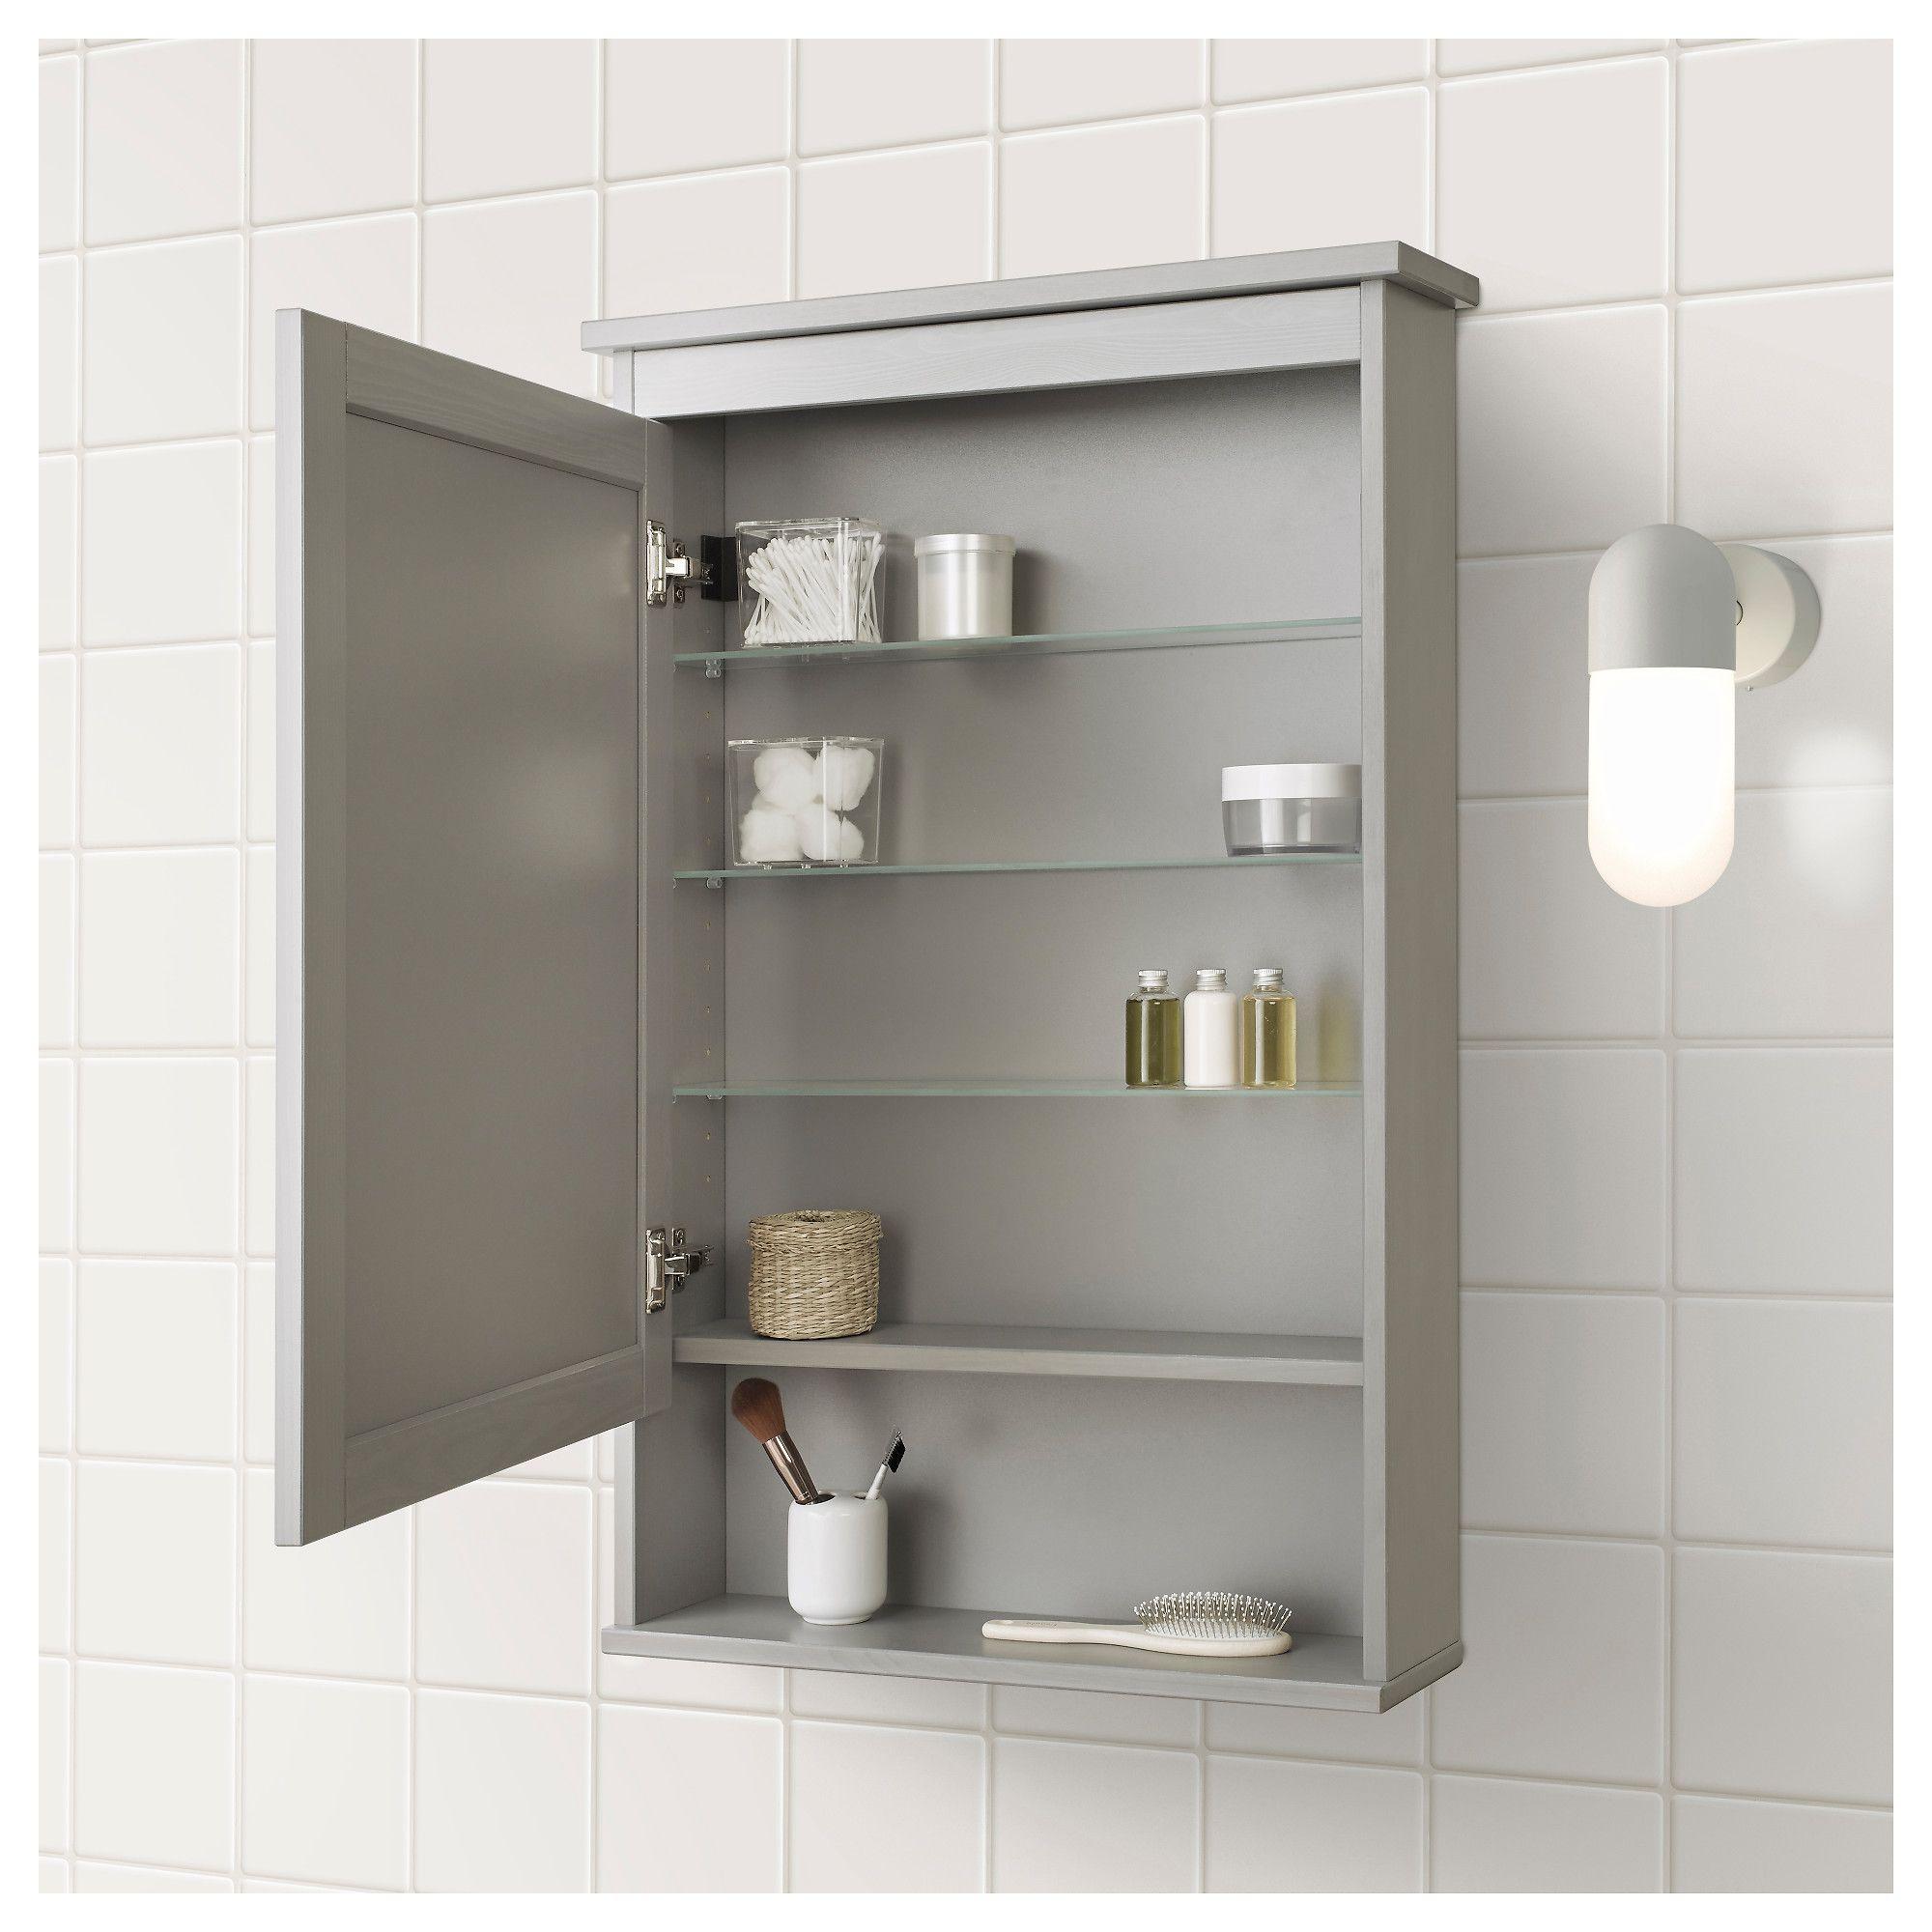 Hemnes Mirror Cabinet With 1 Door Gray Ikea Mirror Cabinets Small Bathroom Bathroom Mirror Cabinet